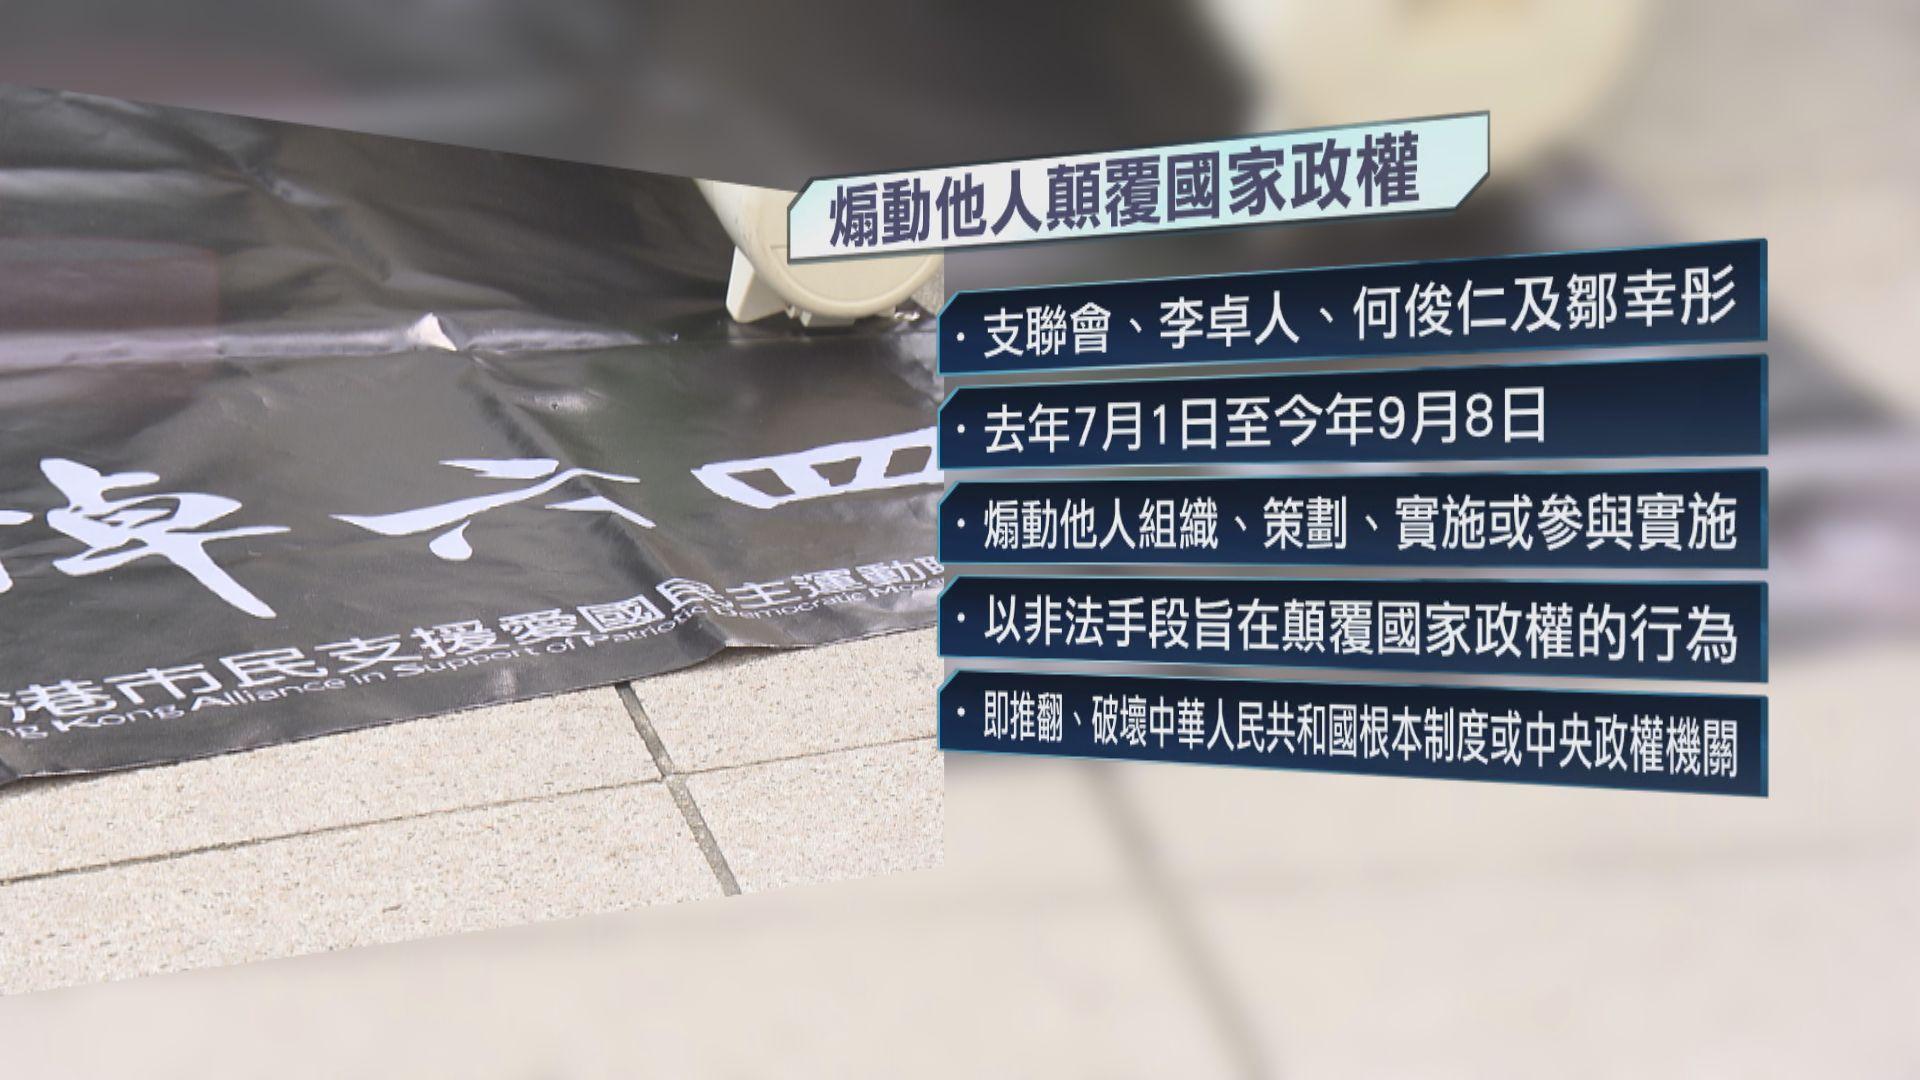 支聯會五人否認拒交資料違國安法 全部否認控罪保釋被拒